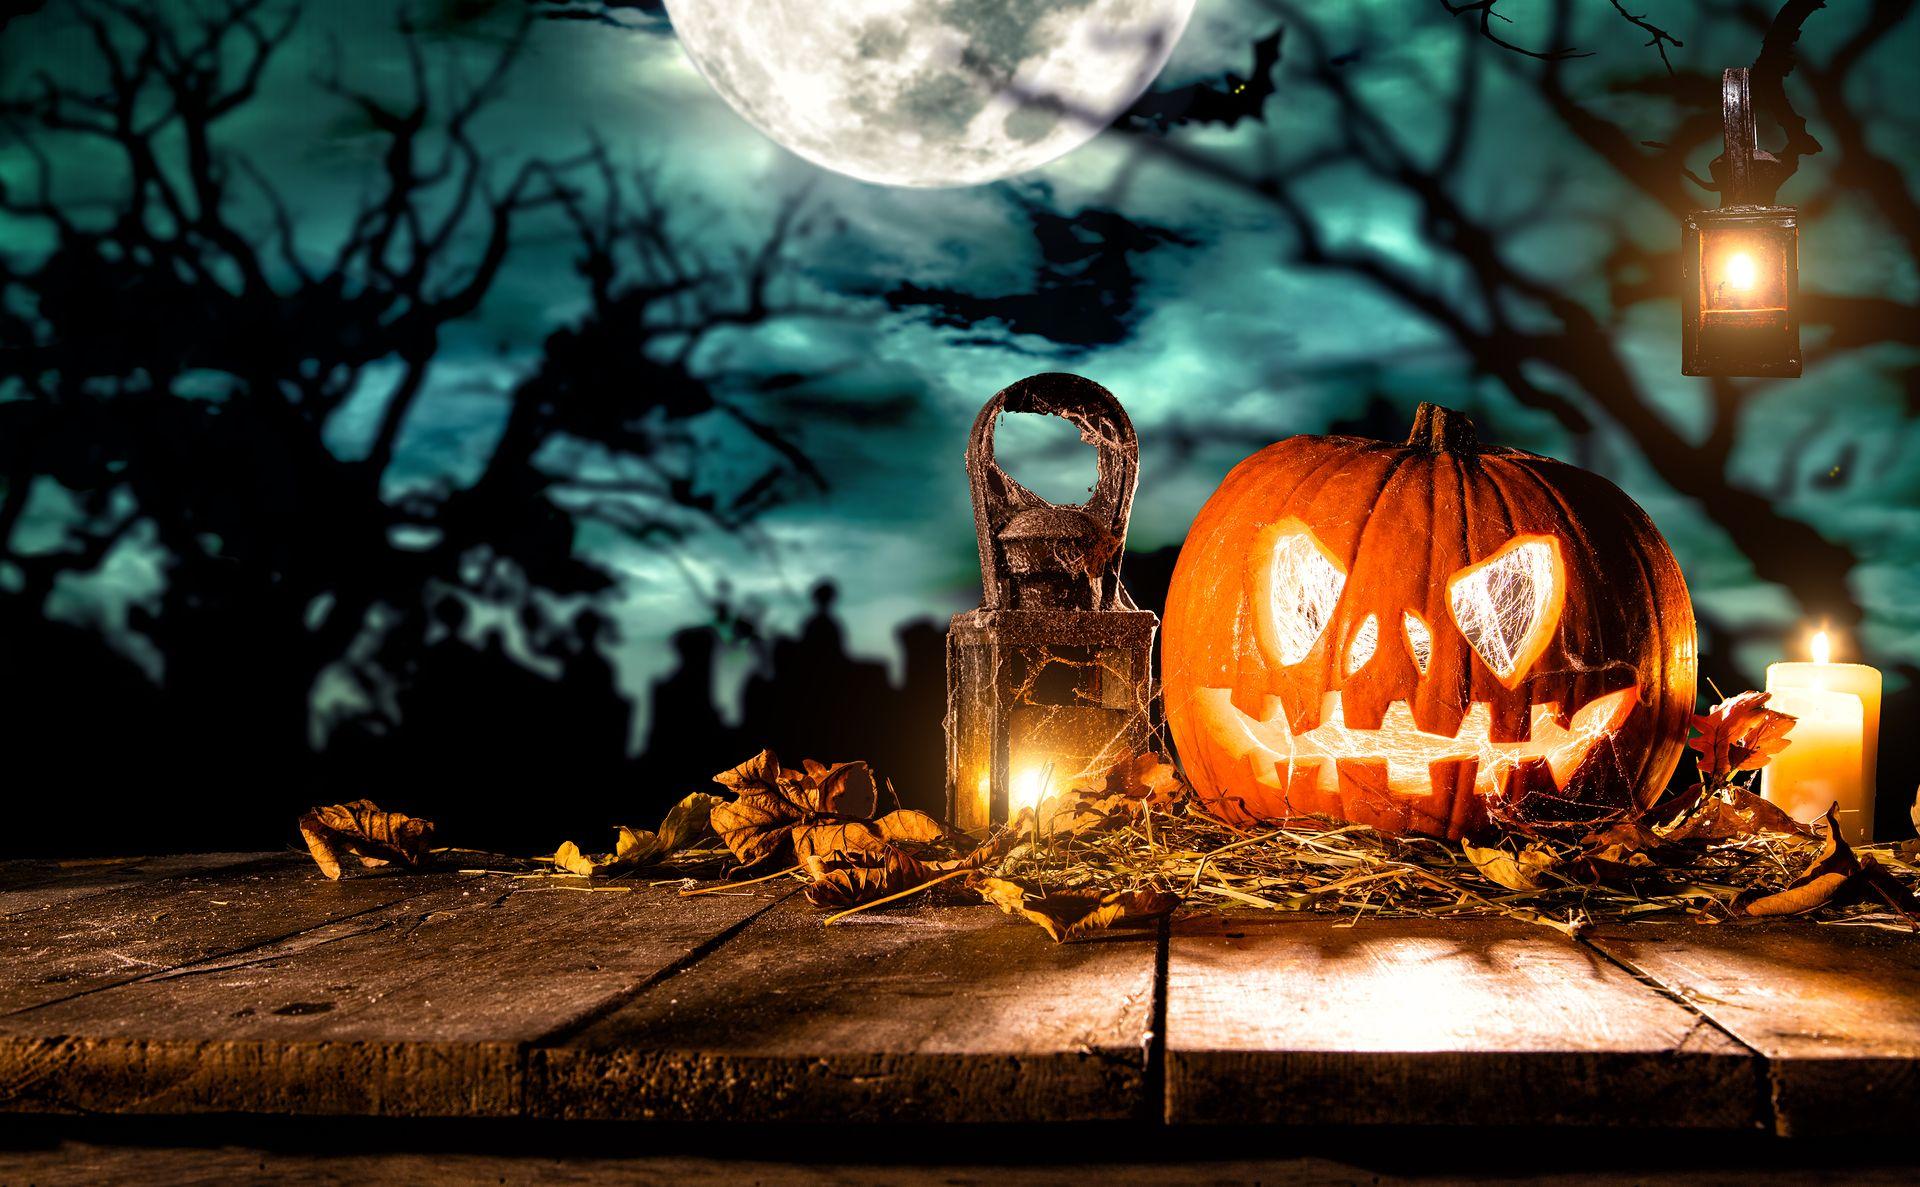 Hình nền Halloween cực đẹp